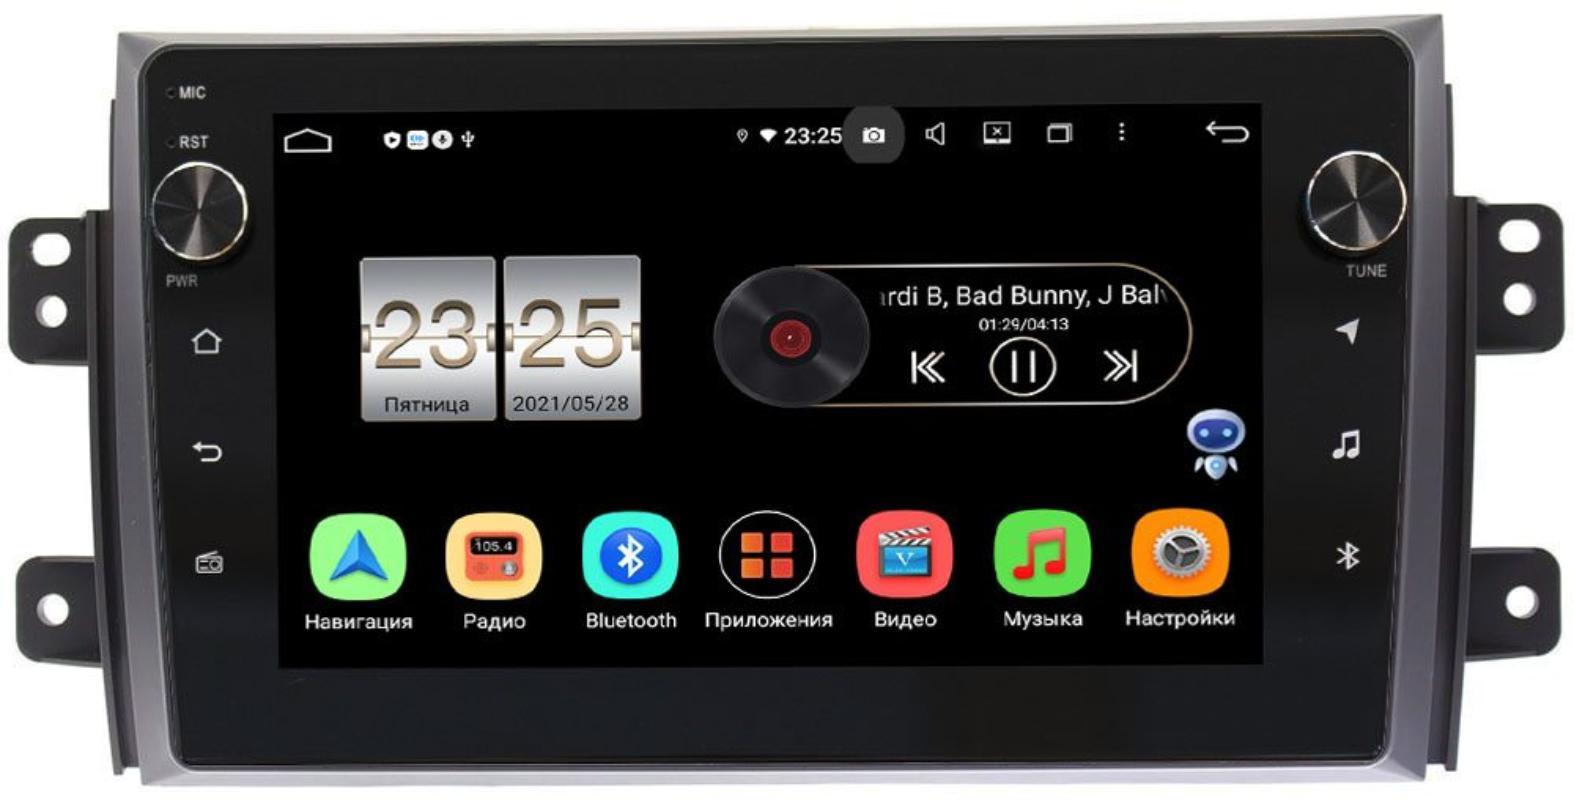 Штатная магнитола Suzuki SX4 I 2006-2014 LeTrun BPX409-9035 на Android 10 (4/32, DSP, IPS, с голосовым ассистентом, с крутилками) (+ Камера заднего вида в подарок!)